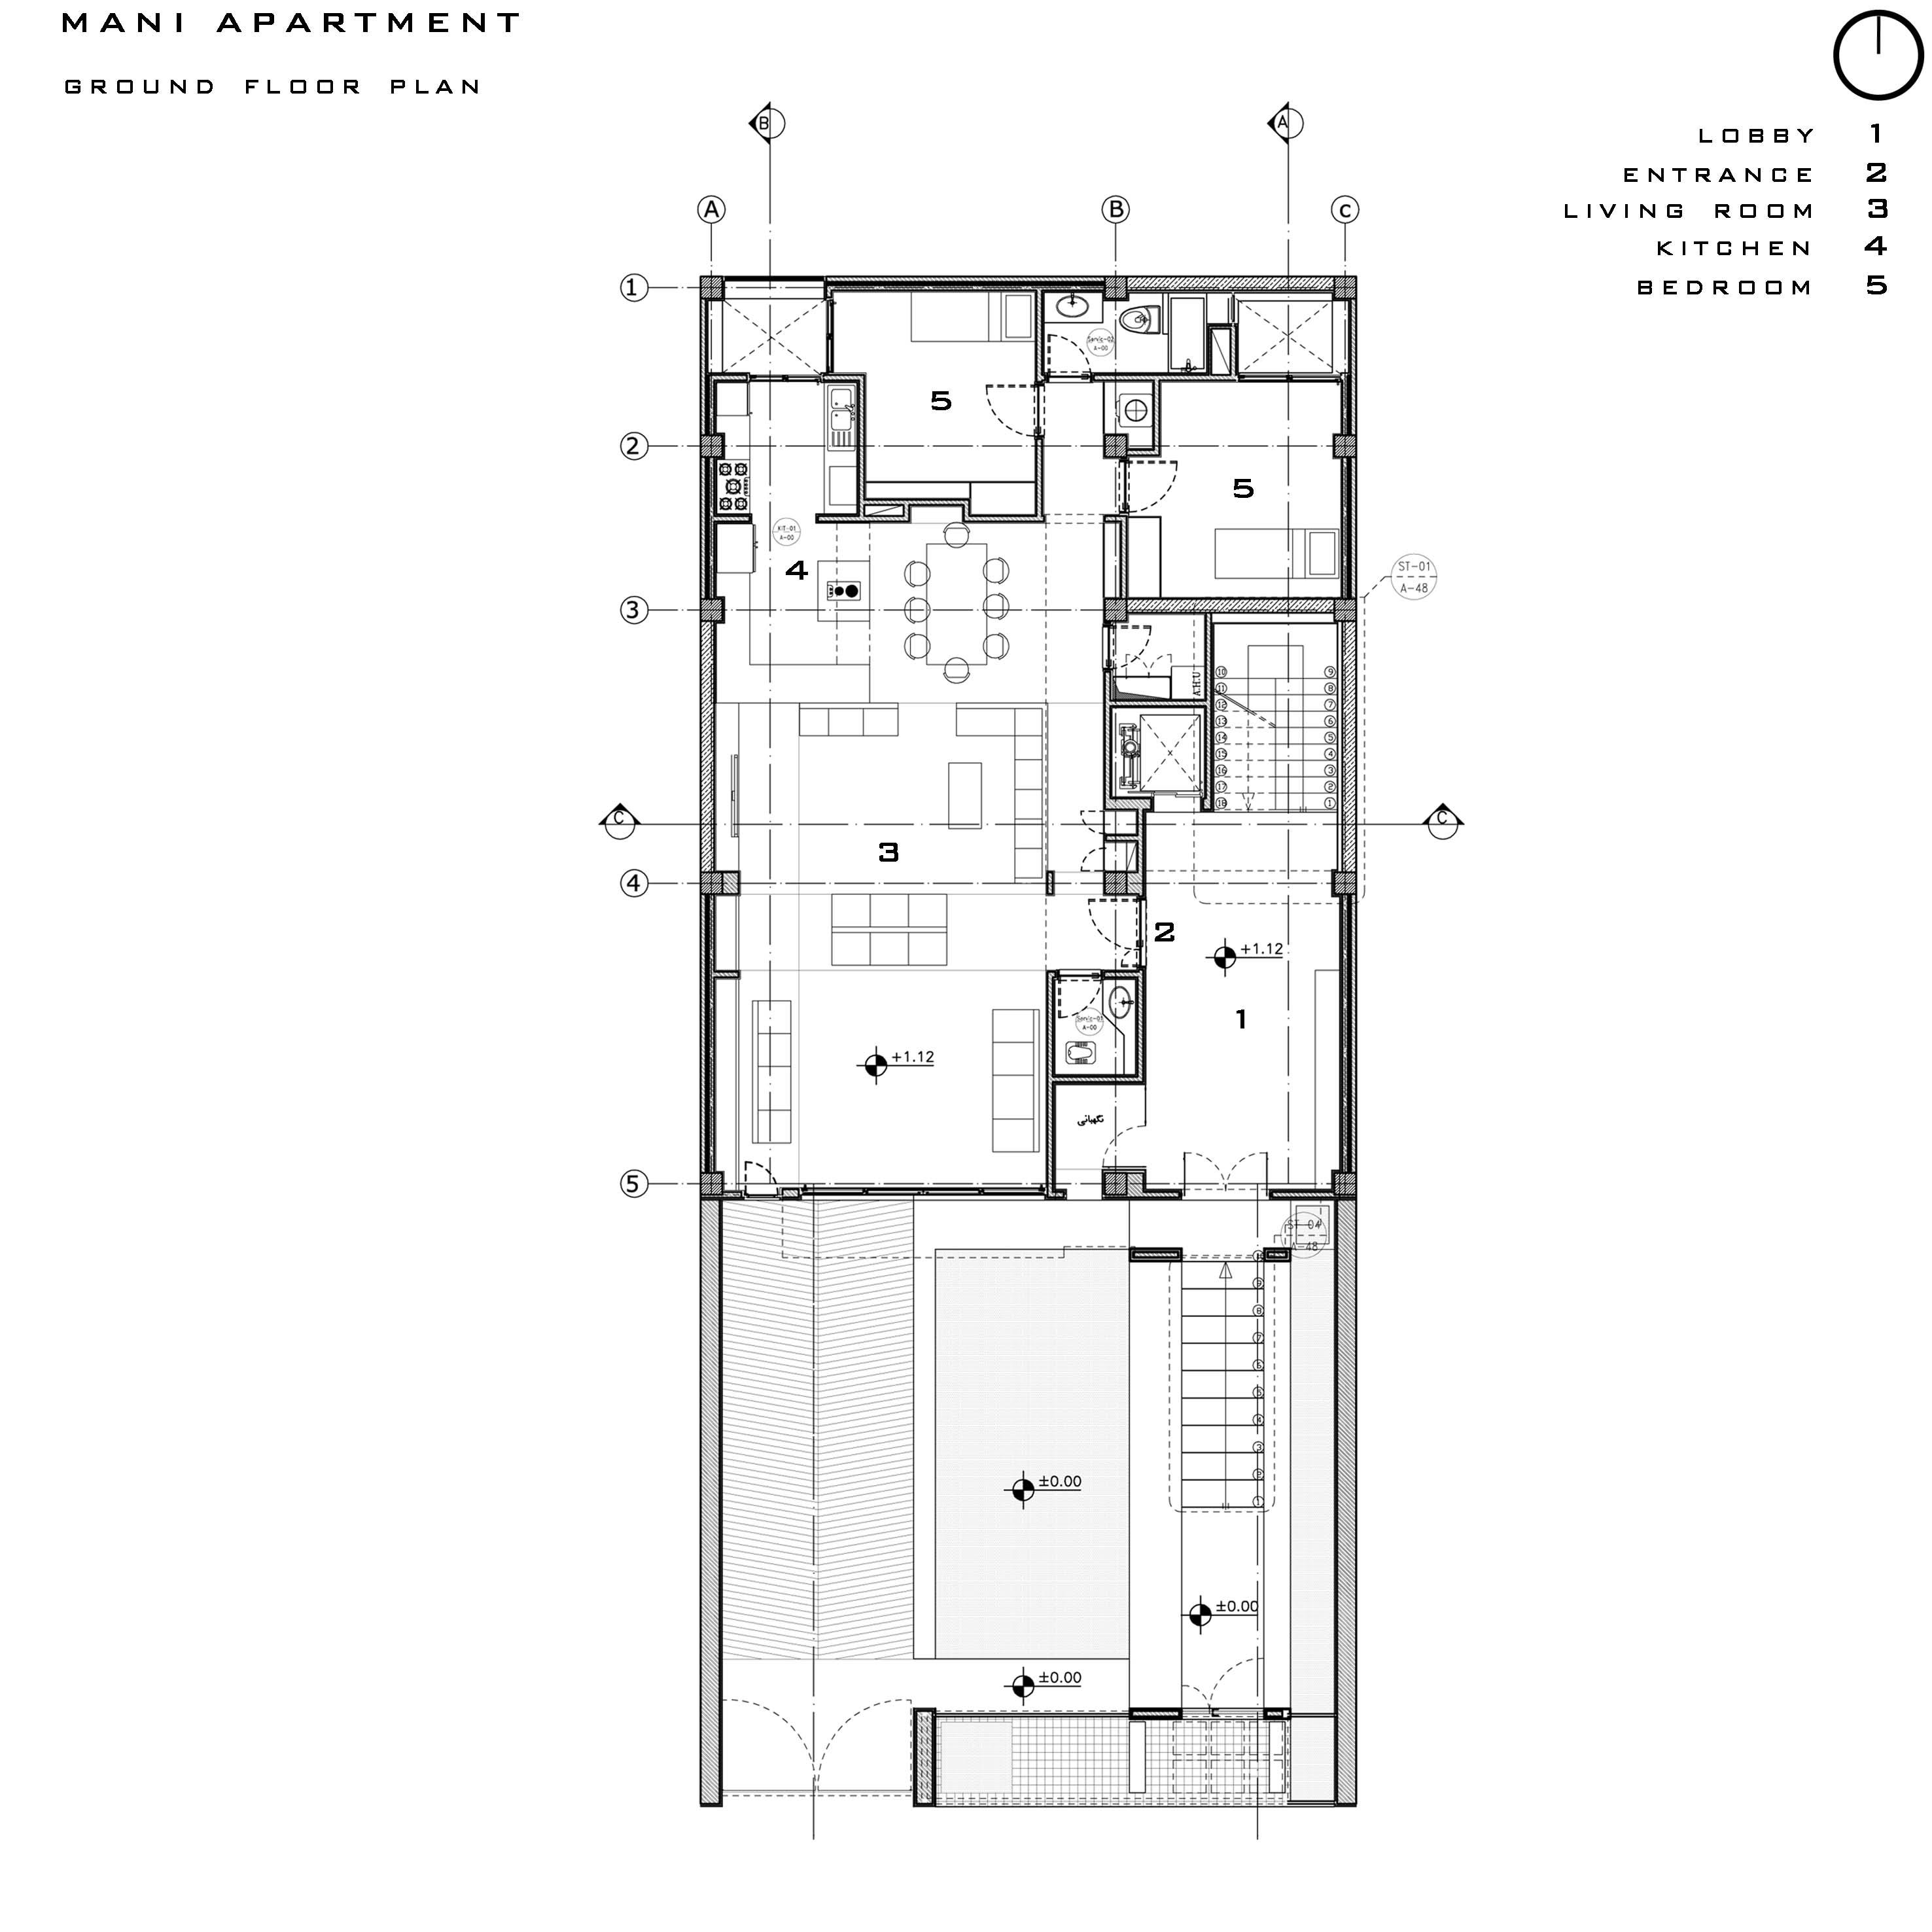 mani apartment